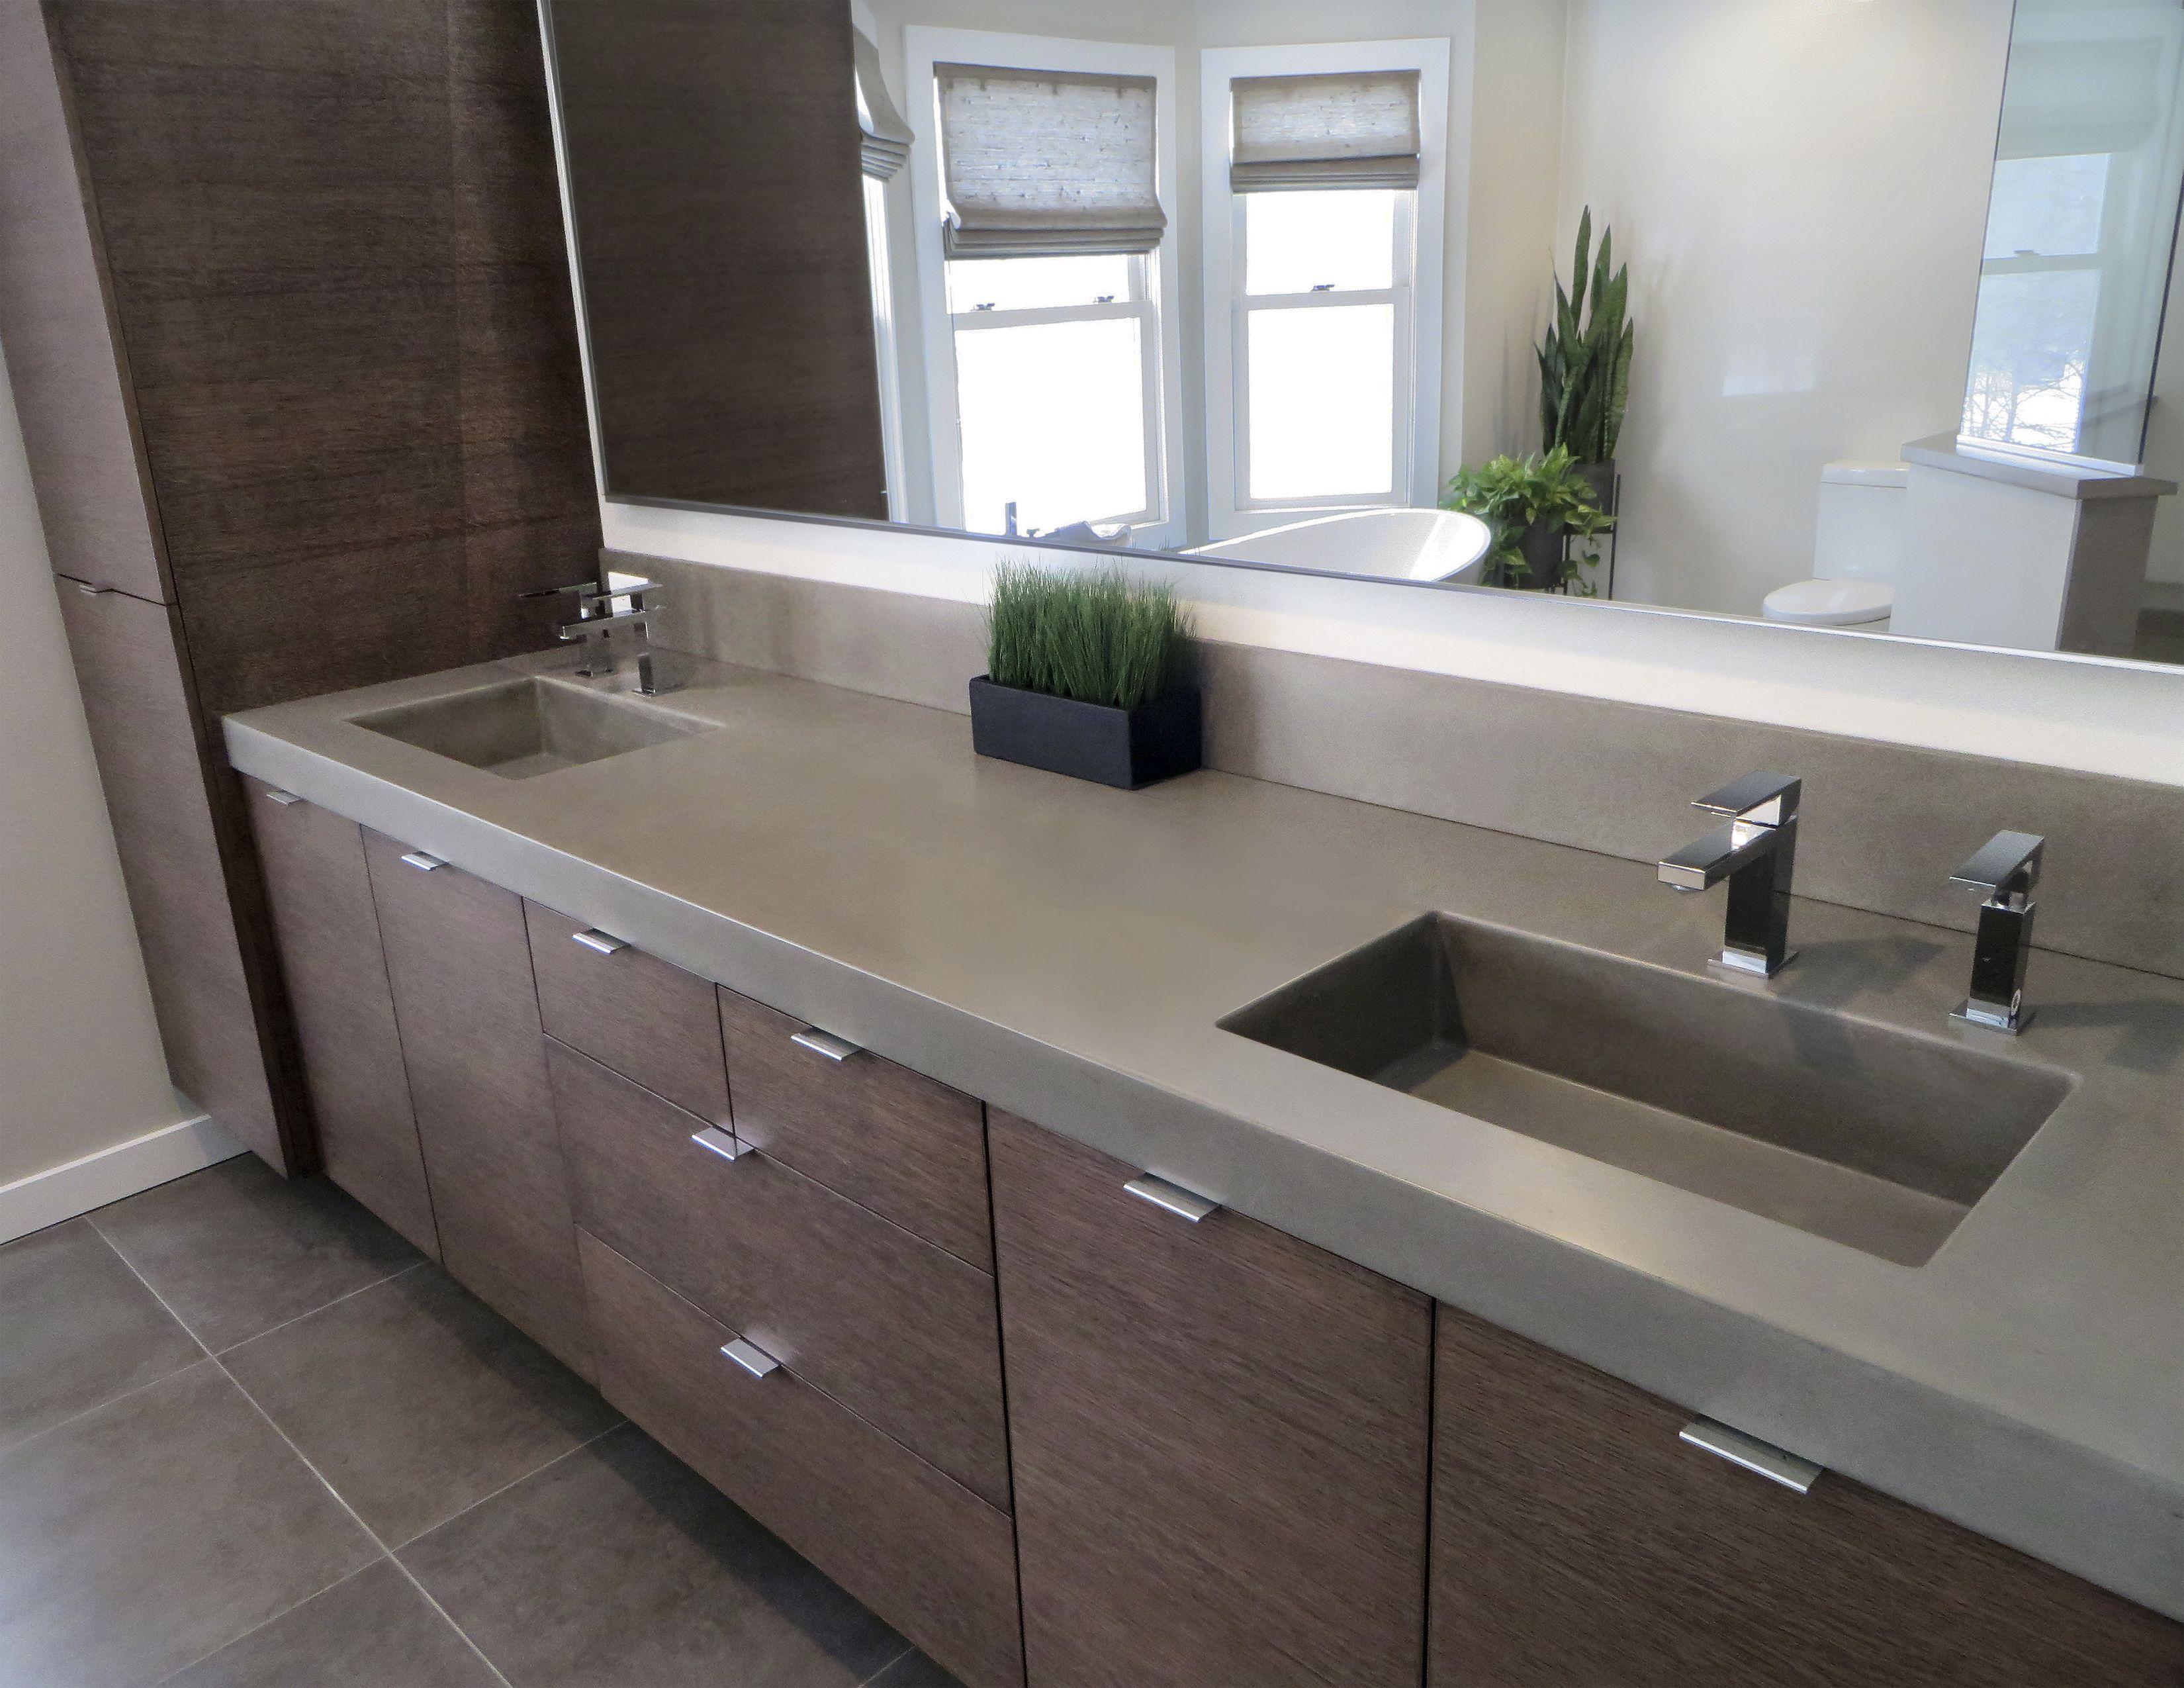 Contemporary Bathroom - Concrete Bathroom Sink